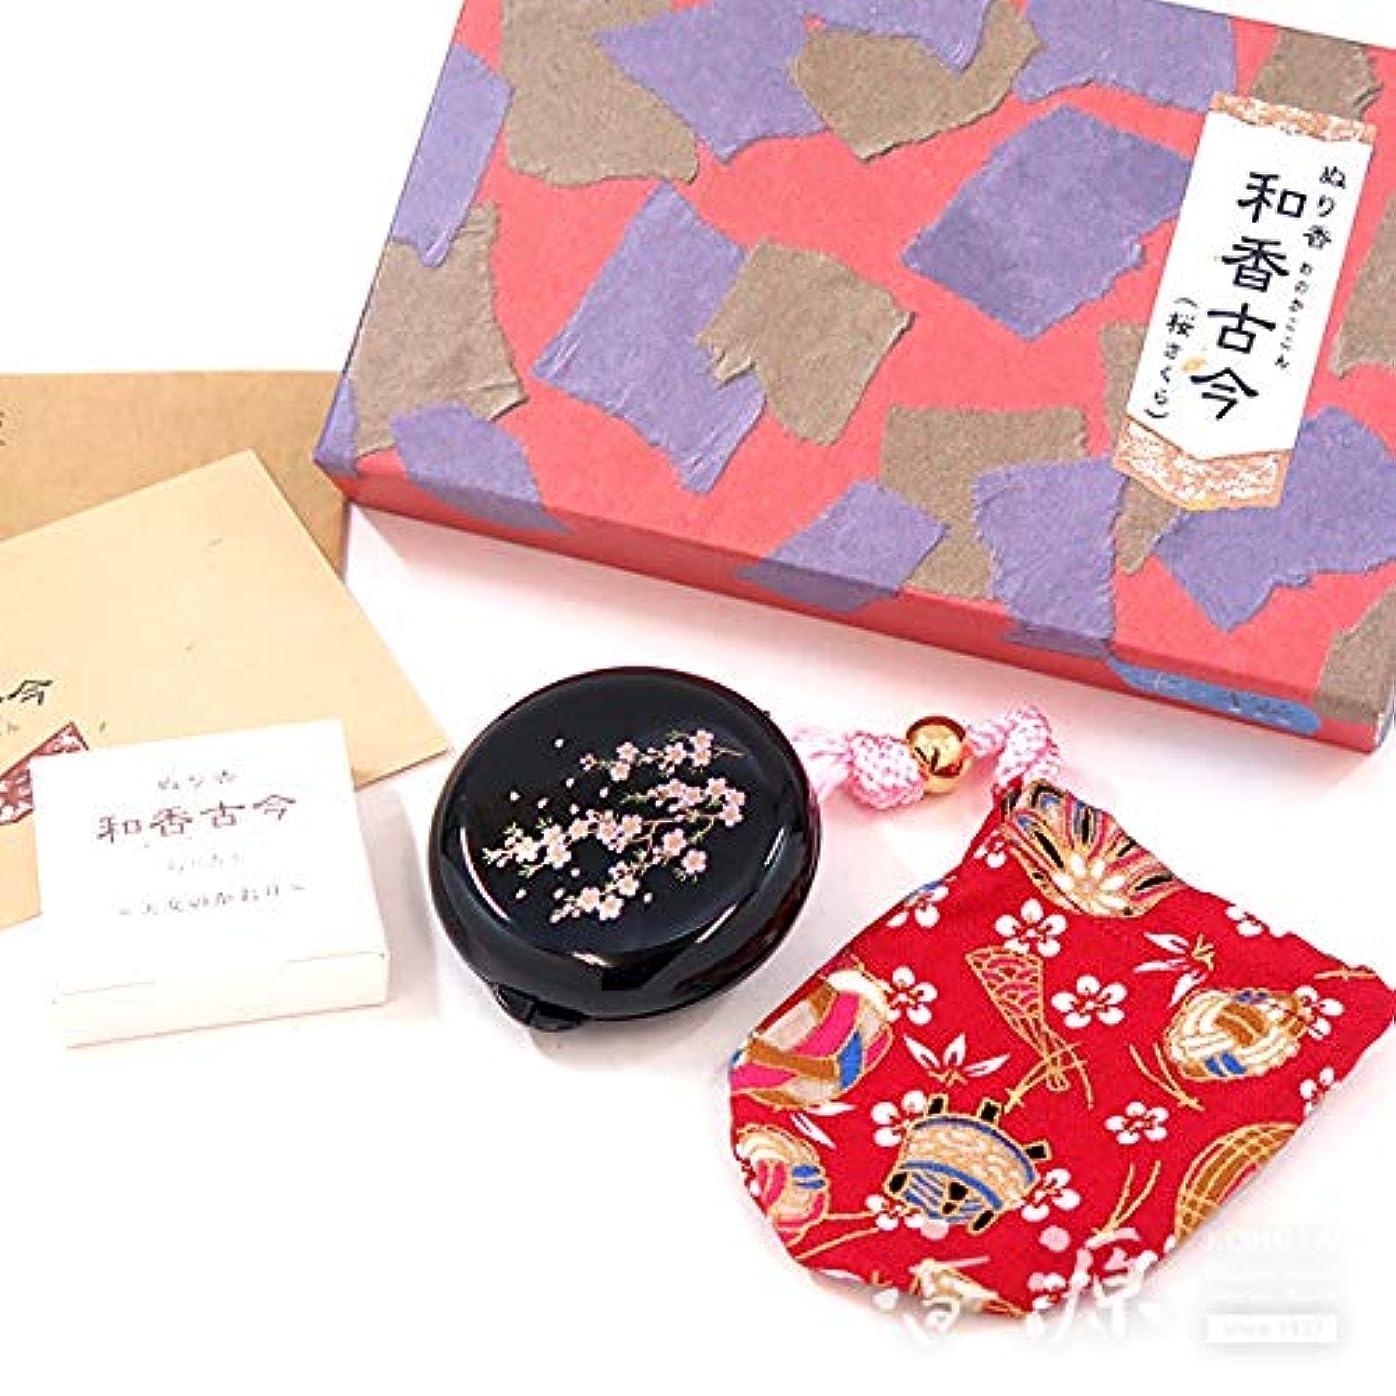 艦隊いまオーナメント長川仁三郎商店のお香 和香古今(わのかここん)天女の香り 桜(黒のコンパクト)?赤の巾着のセット